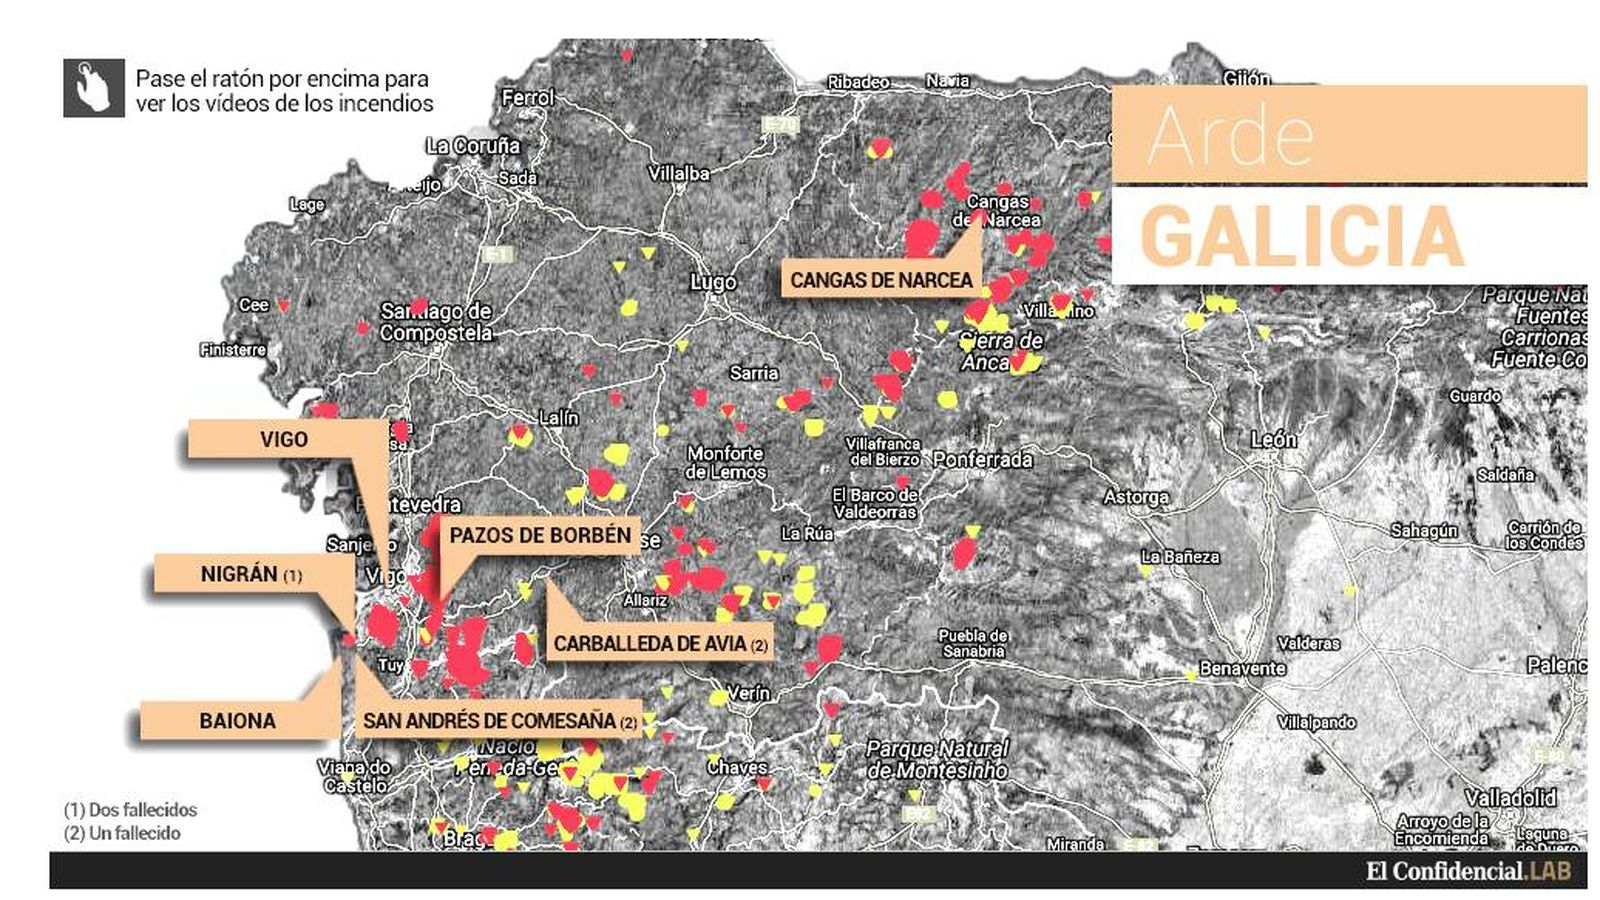 Mapa Incendios Galicia 2017.Incendios Este Es El Mapa De Los Incendios Que Arrasan